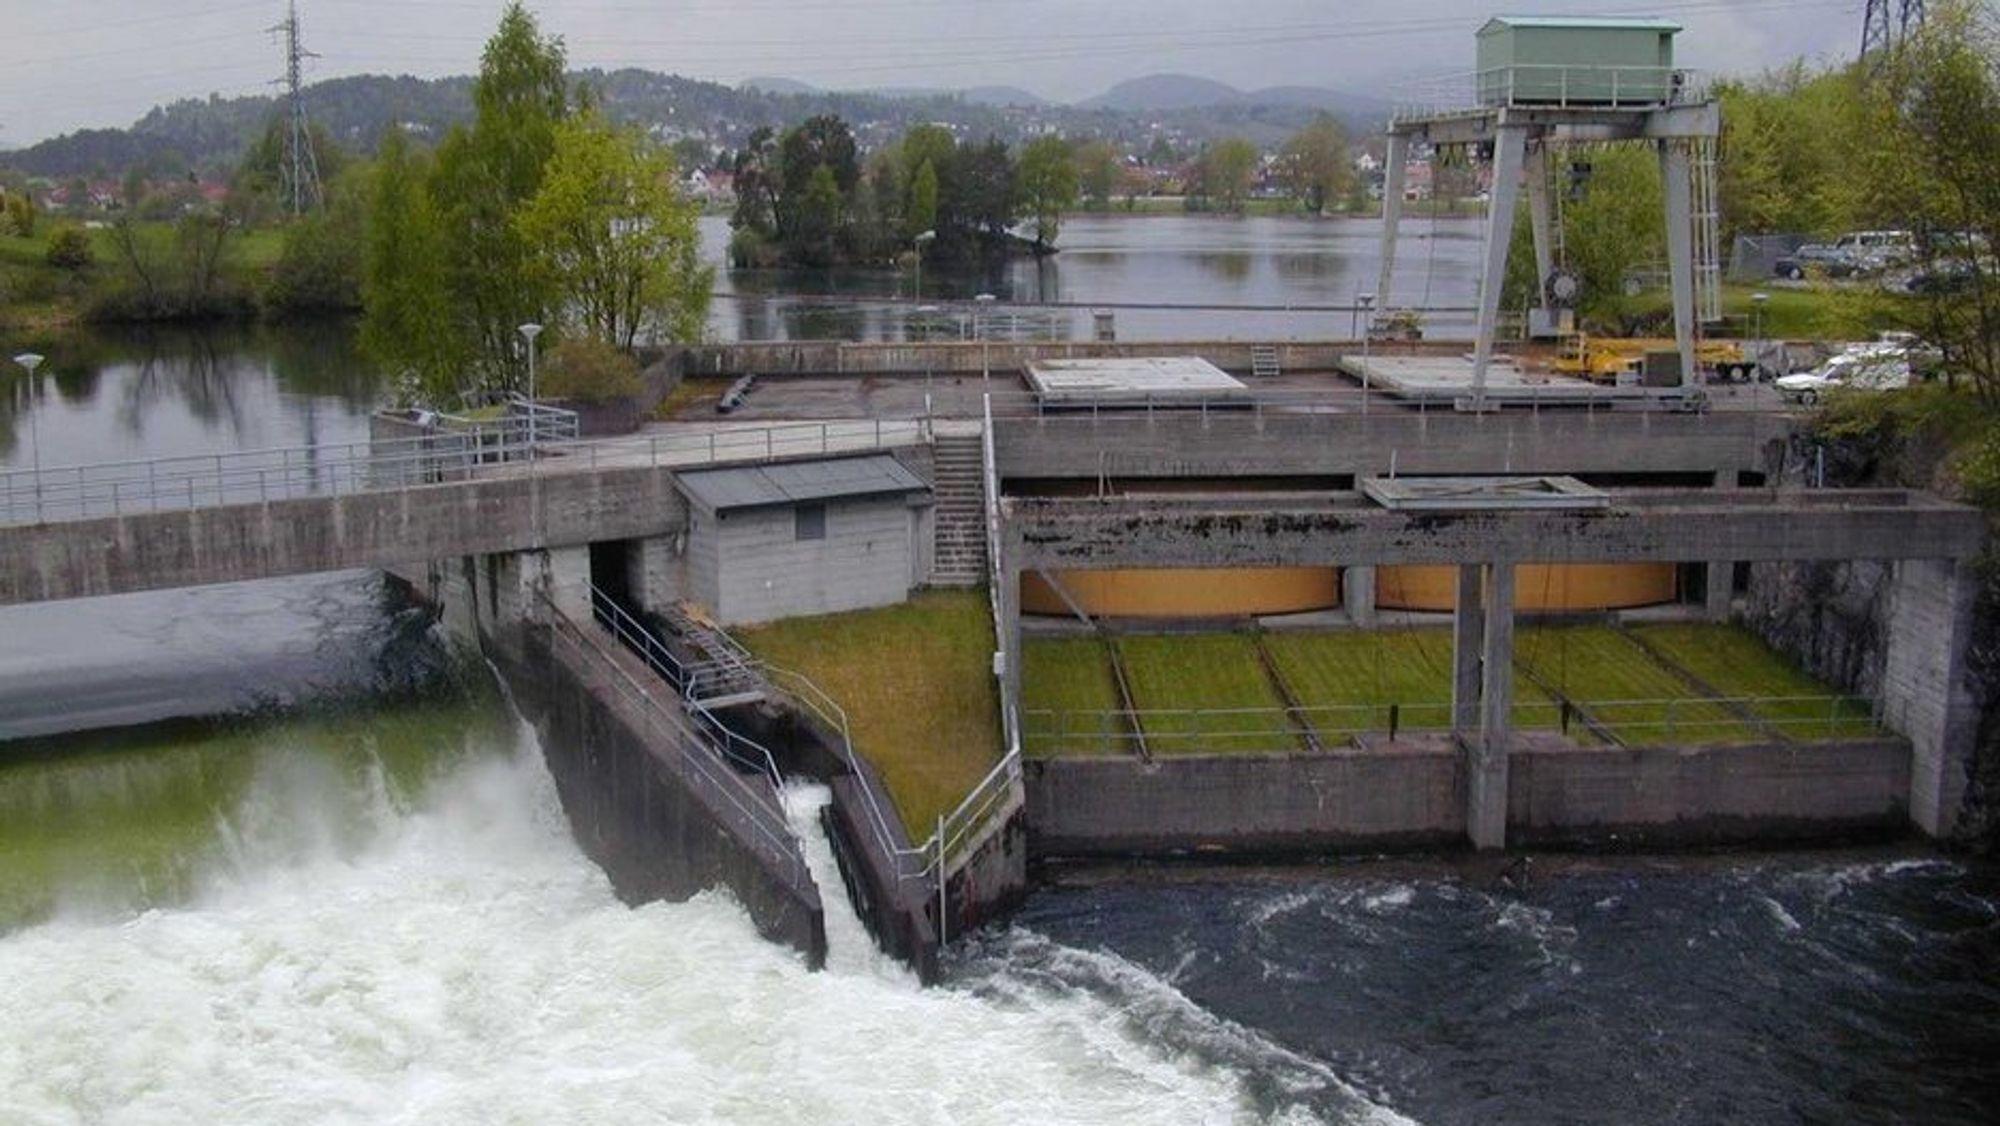 Strømproduksjonen gikk ned 5,9 prosent i januar, sammenlignet med januar 2018. Bildet er fra Klosterfoss kraftverk i Skien.